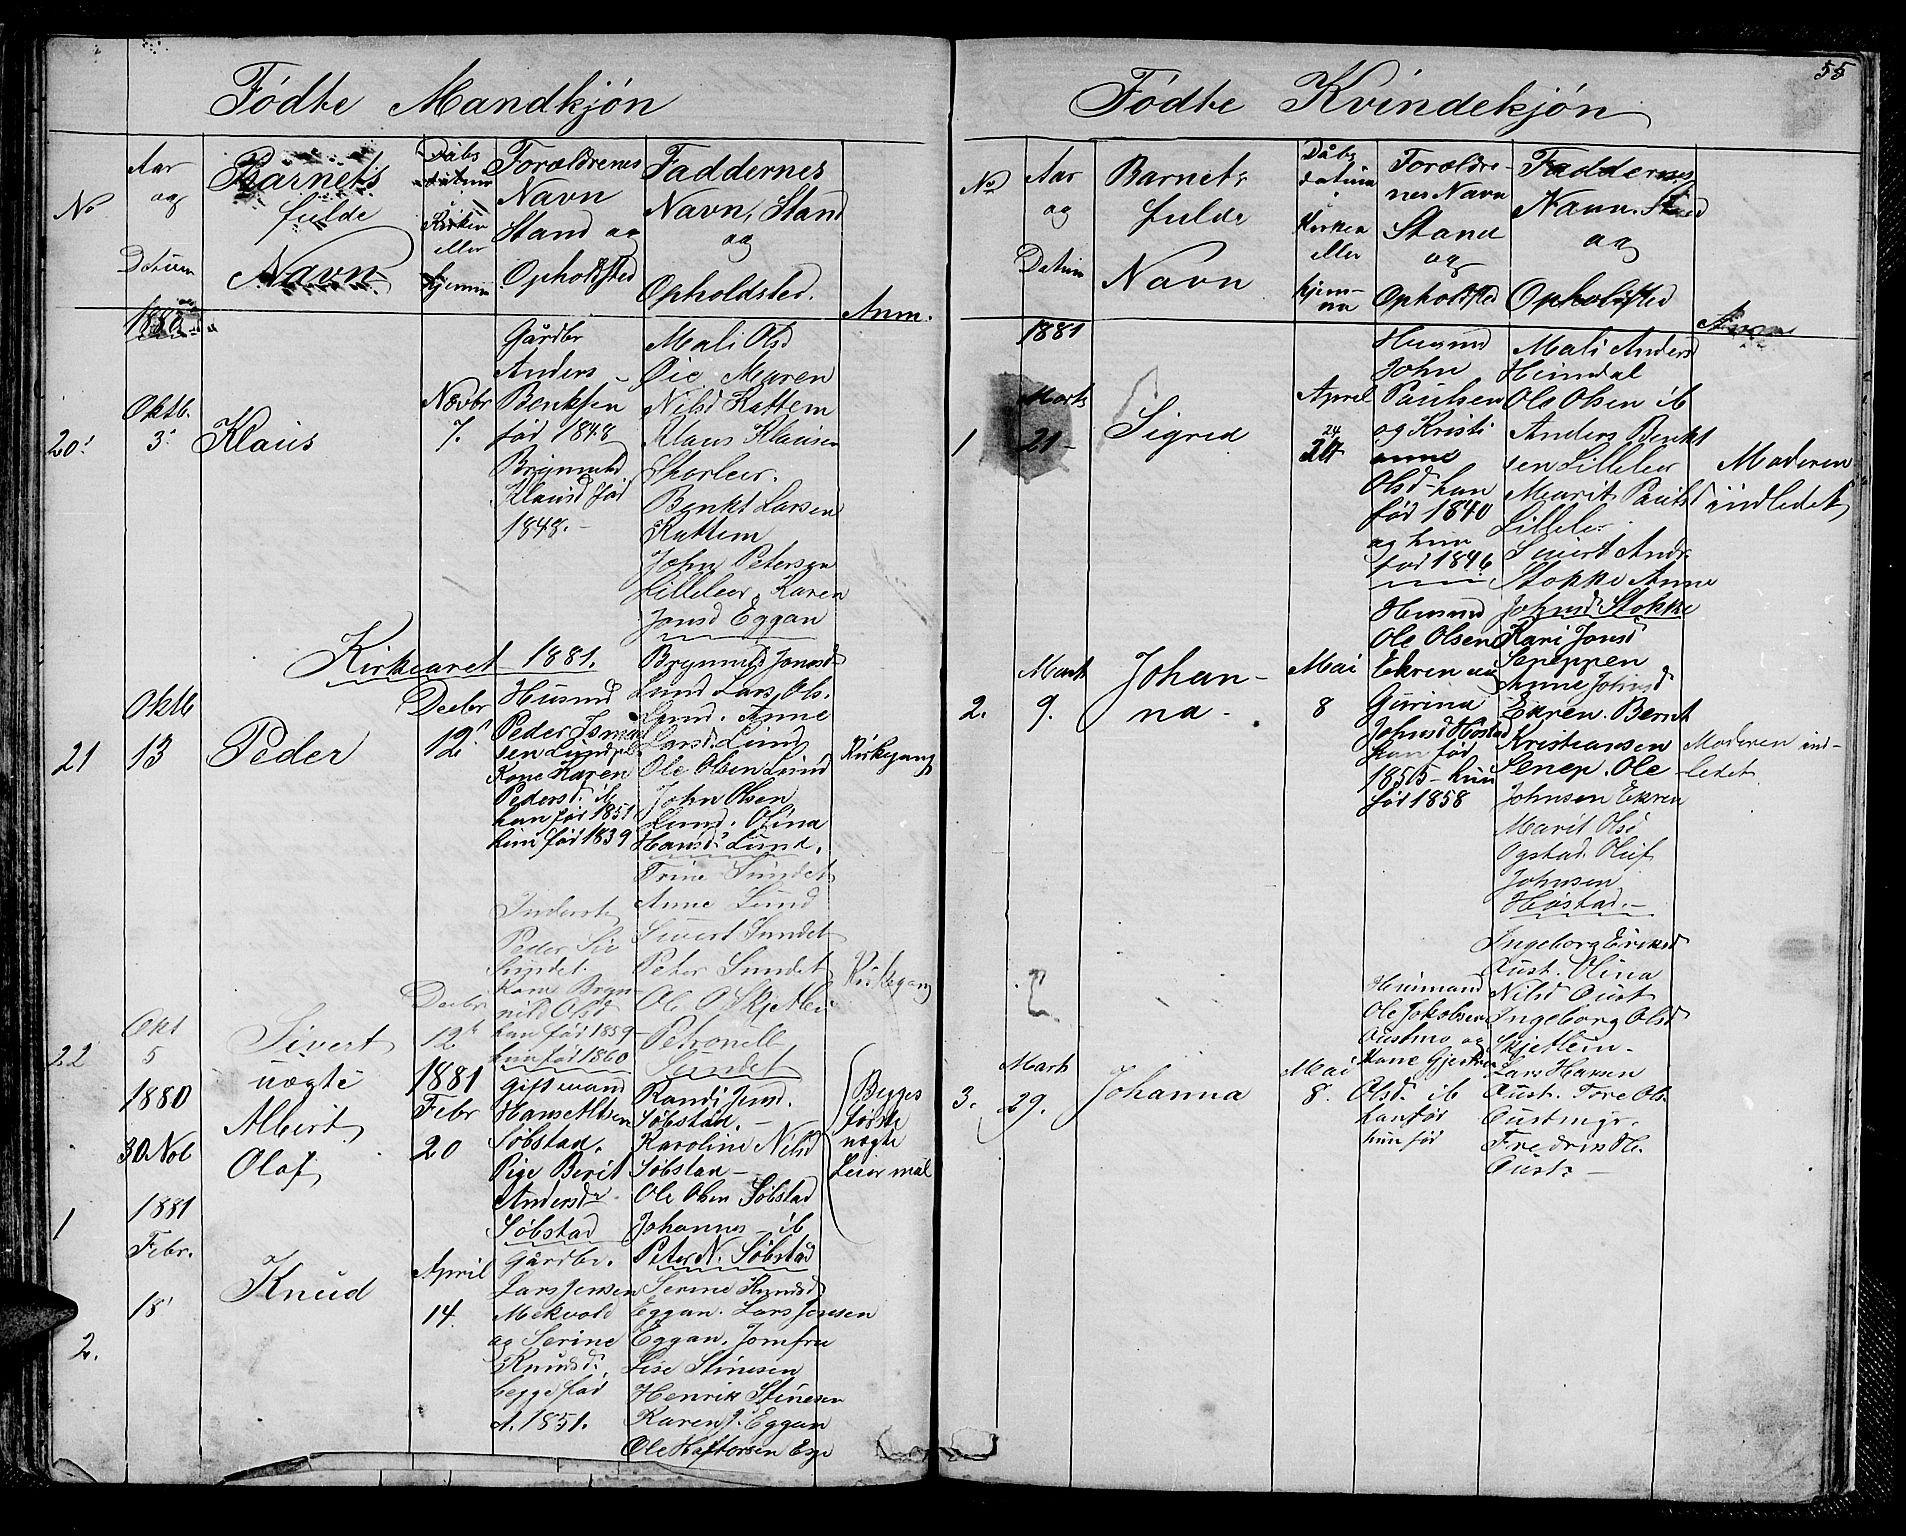 SAT, Ministerialprotokoller, klokkerbøker og fødselsregistre - Sør-Trøndelag, 613/L0394: Klokkerbok nr. 613C02, 1862-1886, s. 55